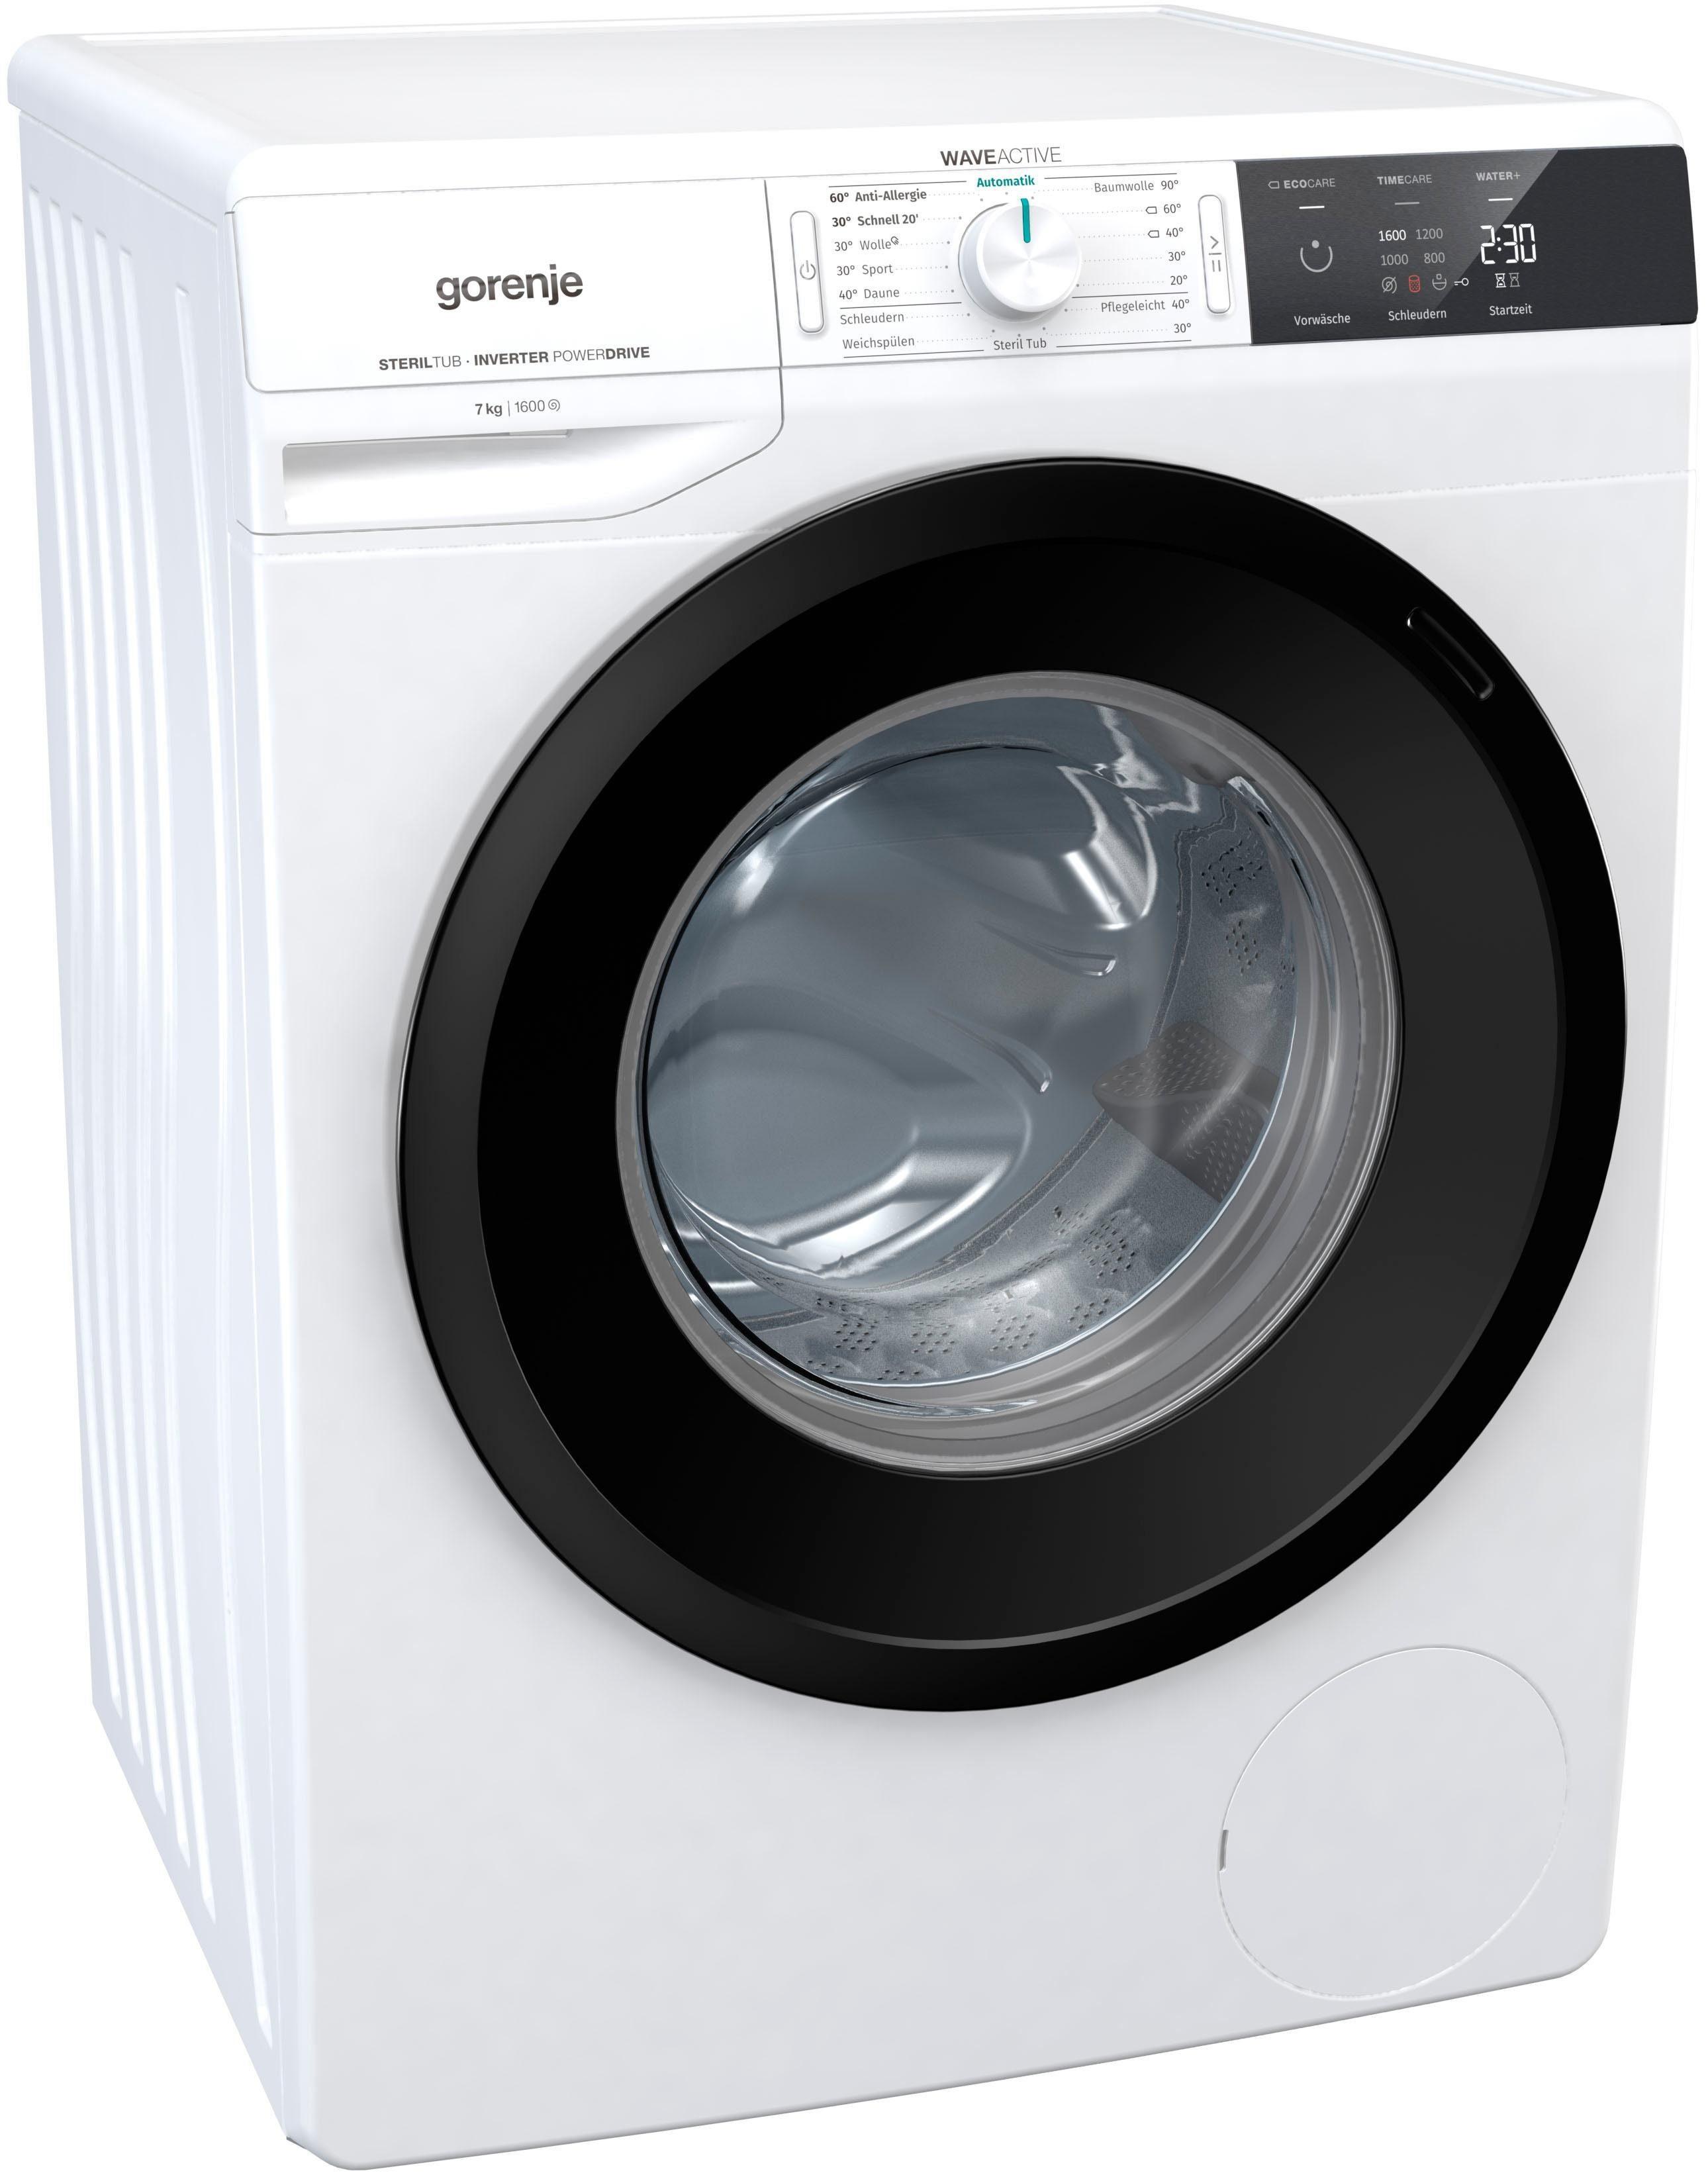 GORENJE Waschmaschine Wave EI 763 P, 7 kg, 1600 U/Min